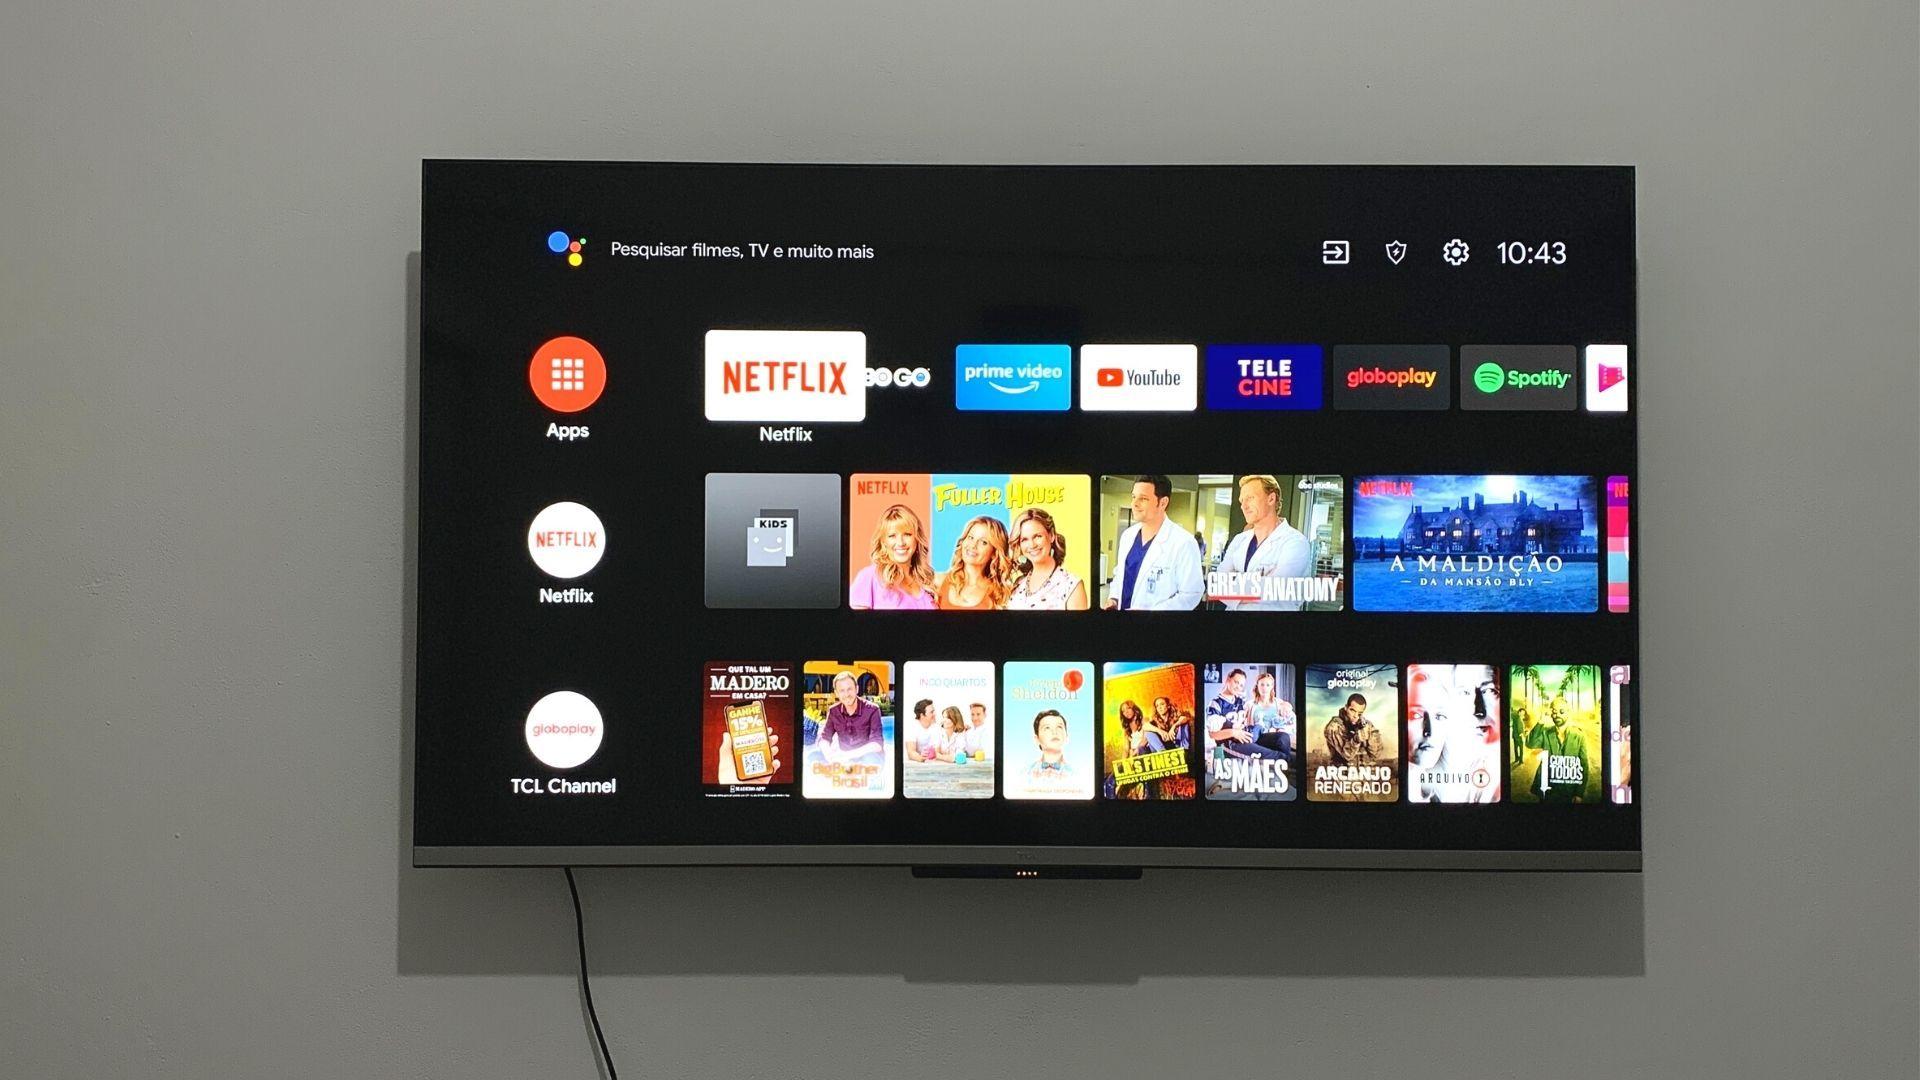 Sistema operacional Android TV é intuitivo e inteligente. (Imagem: Yulli Dias/Zoom)